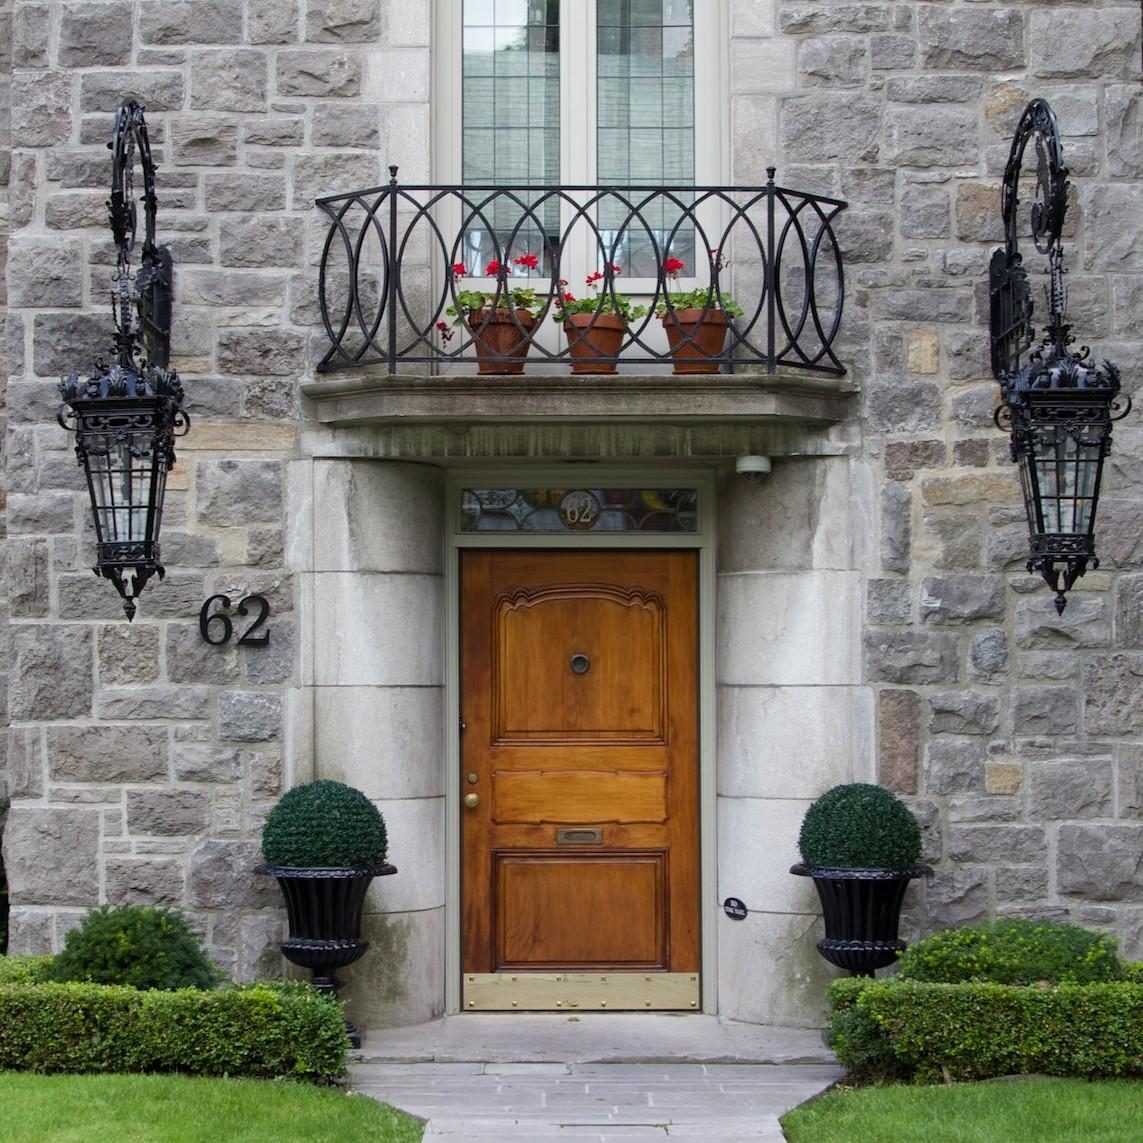 Westmount_Montreal7 & Exploring Montreal: Pretty Doors in Westmount - Montreall ...